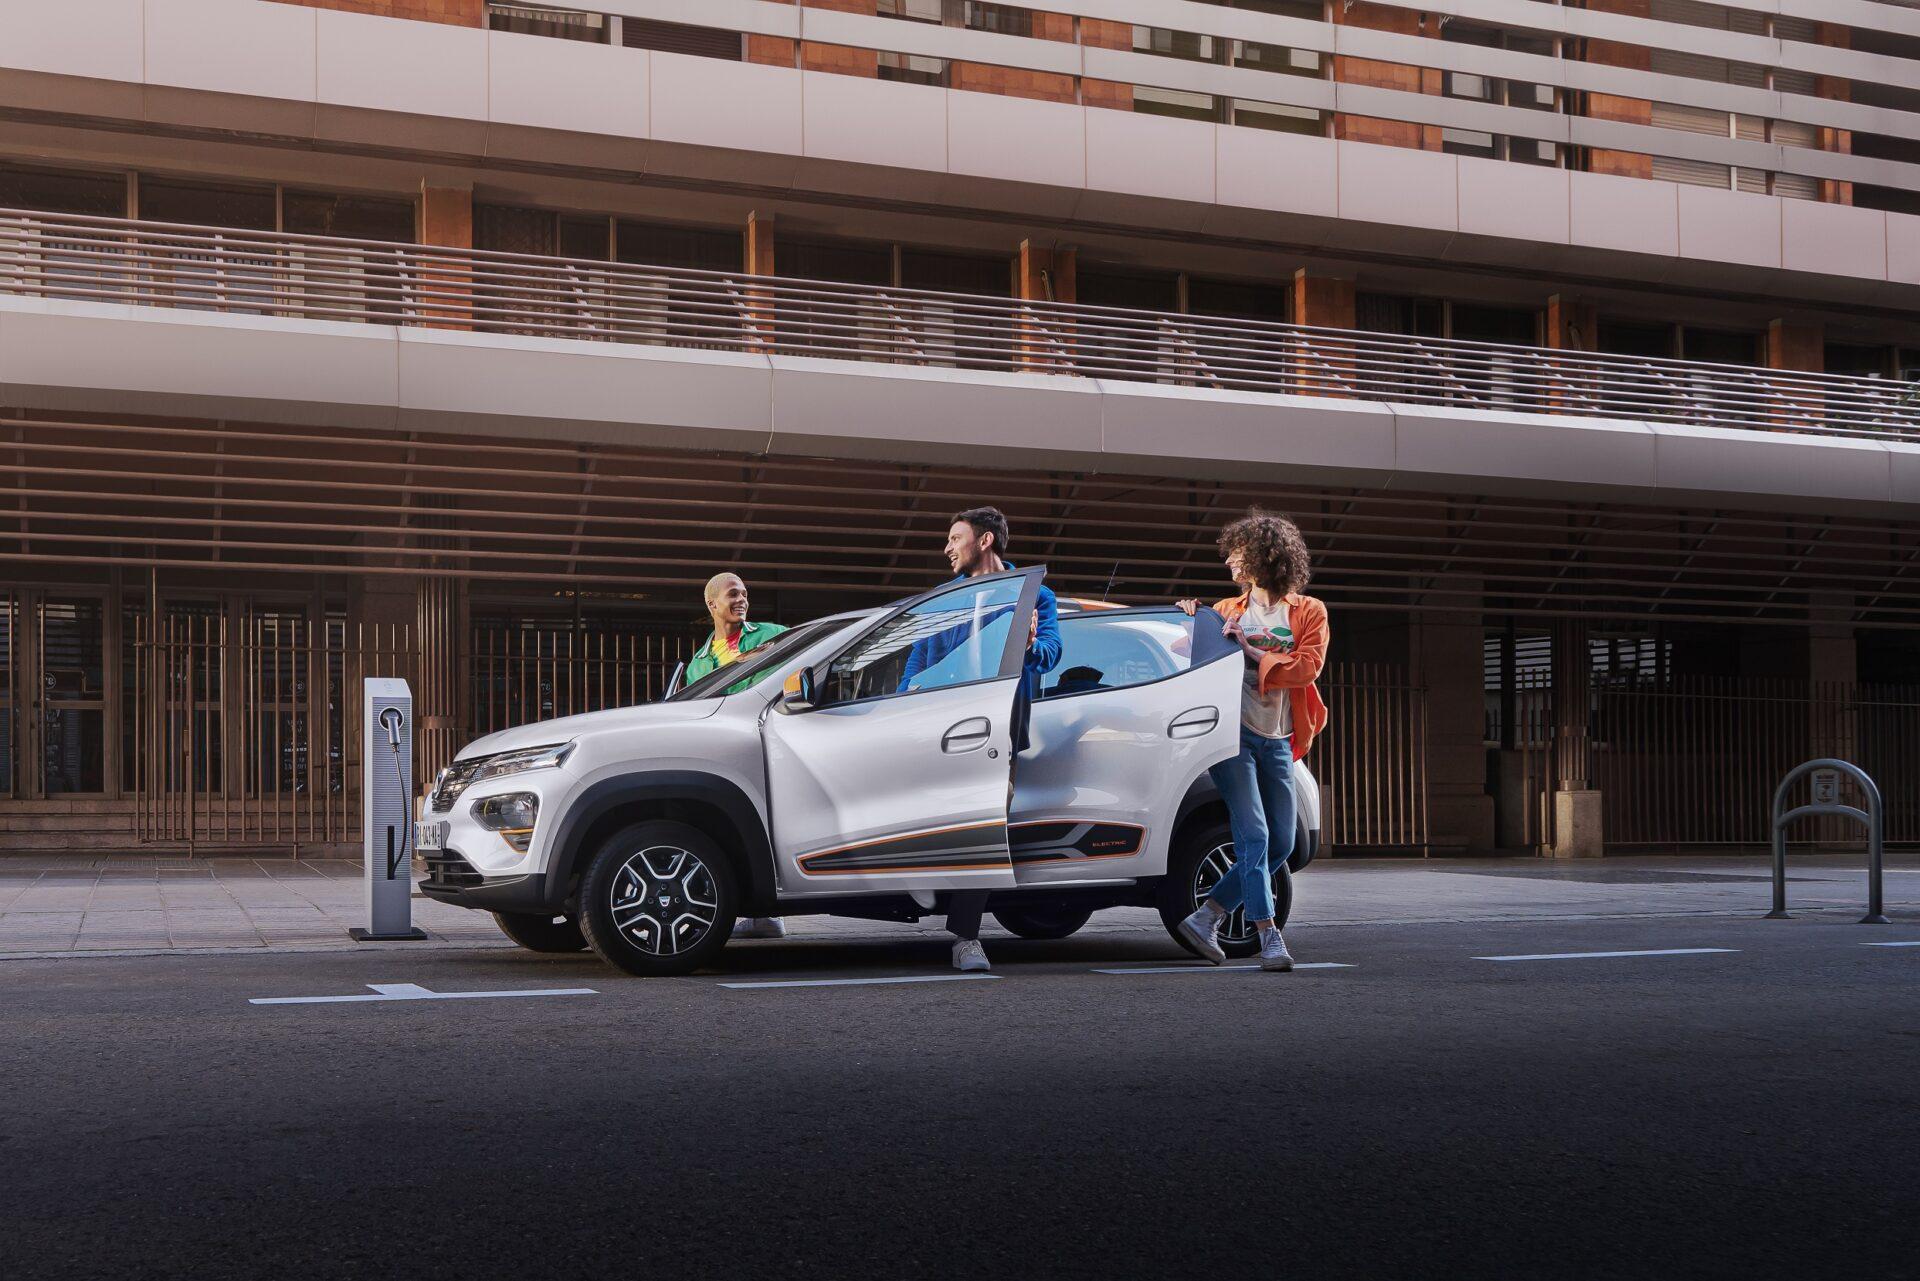 Το Dacia Spring μας κλείνει το μάτι και μας «βάζει» διαφορετικά στην ηλεκτροκίνηση